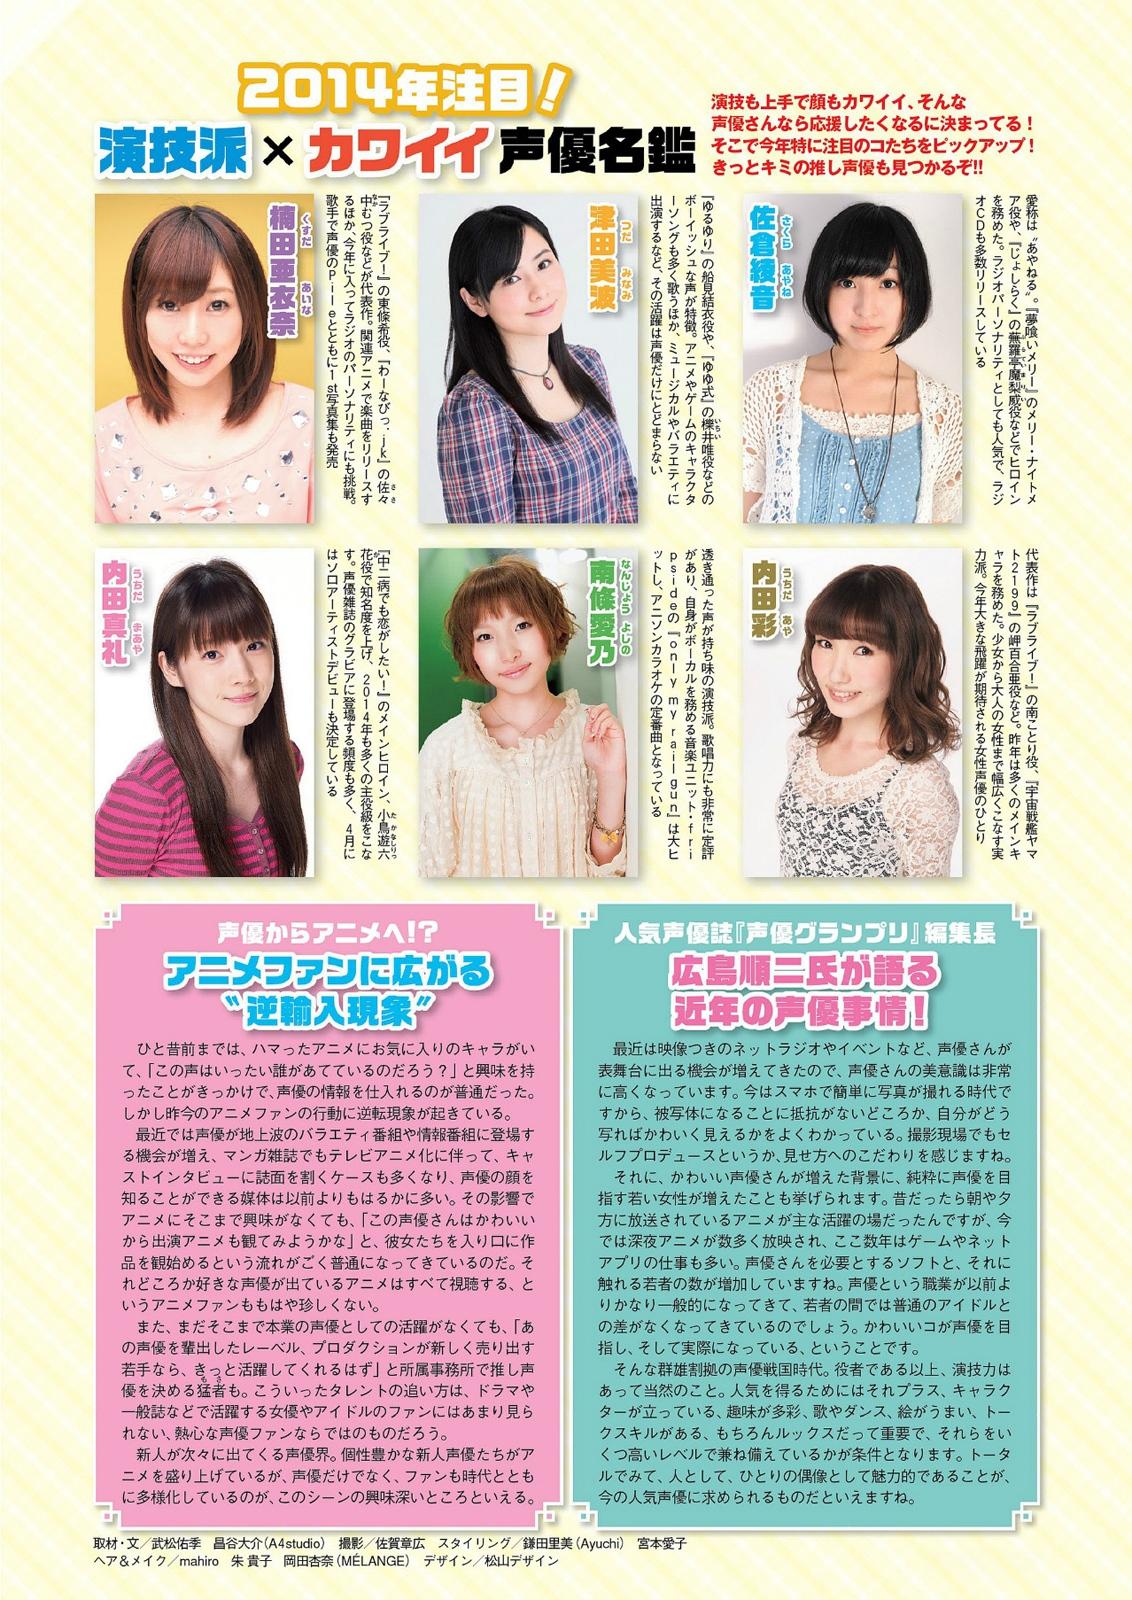 2014年注目!演技派×カワイイ声優名鑑で紹介されたのはこの6名